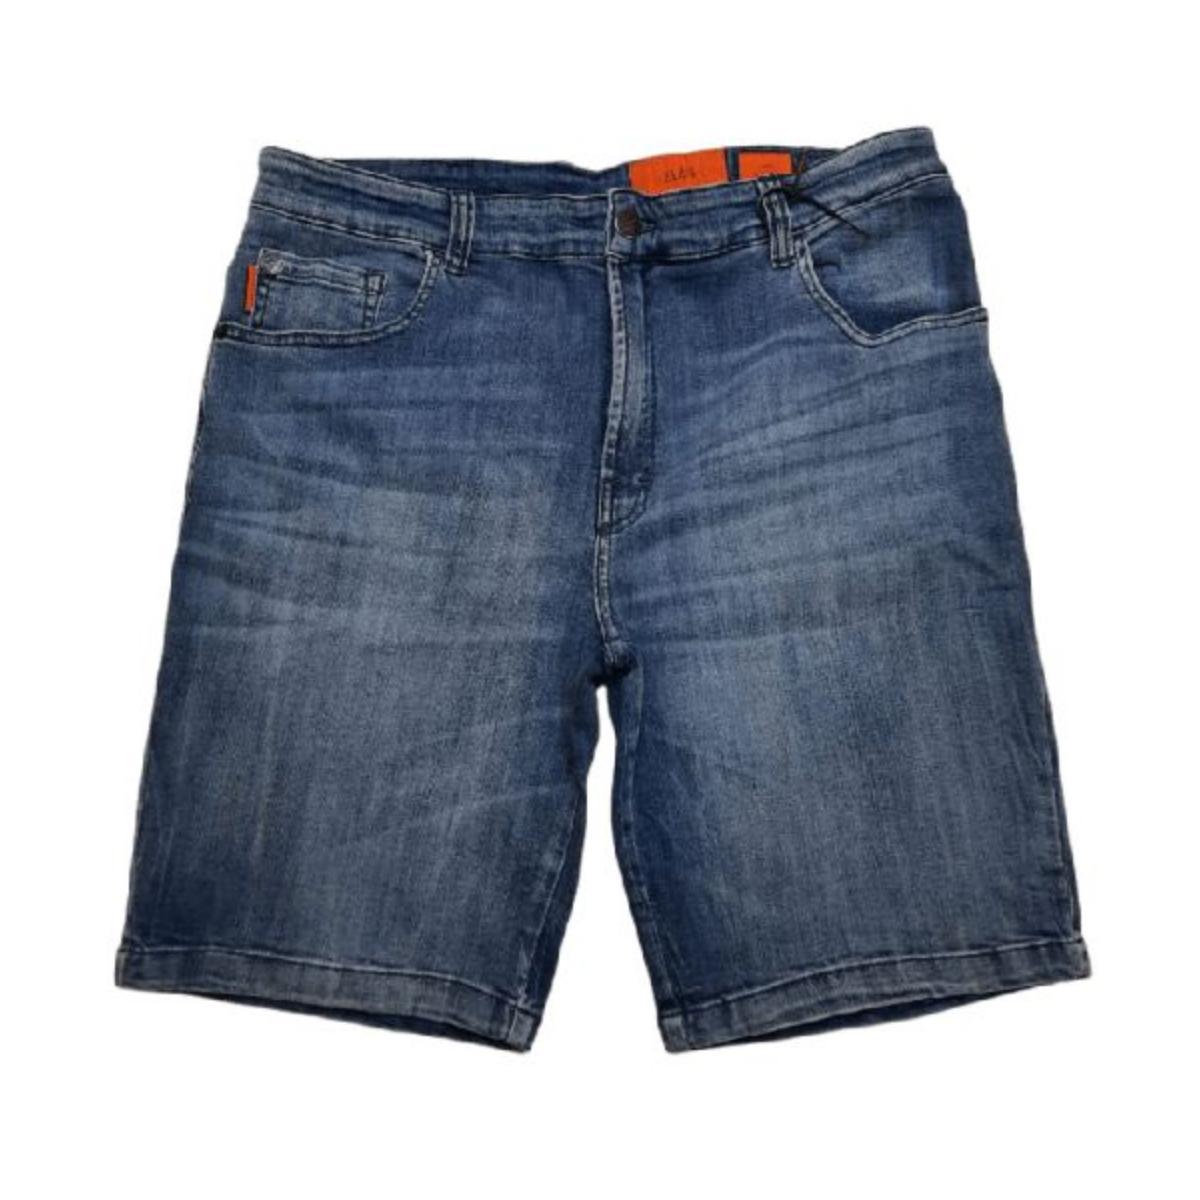 Bermuda Masculina Ellus 53f5657 1395 Jeans